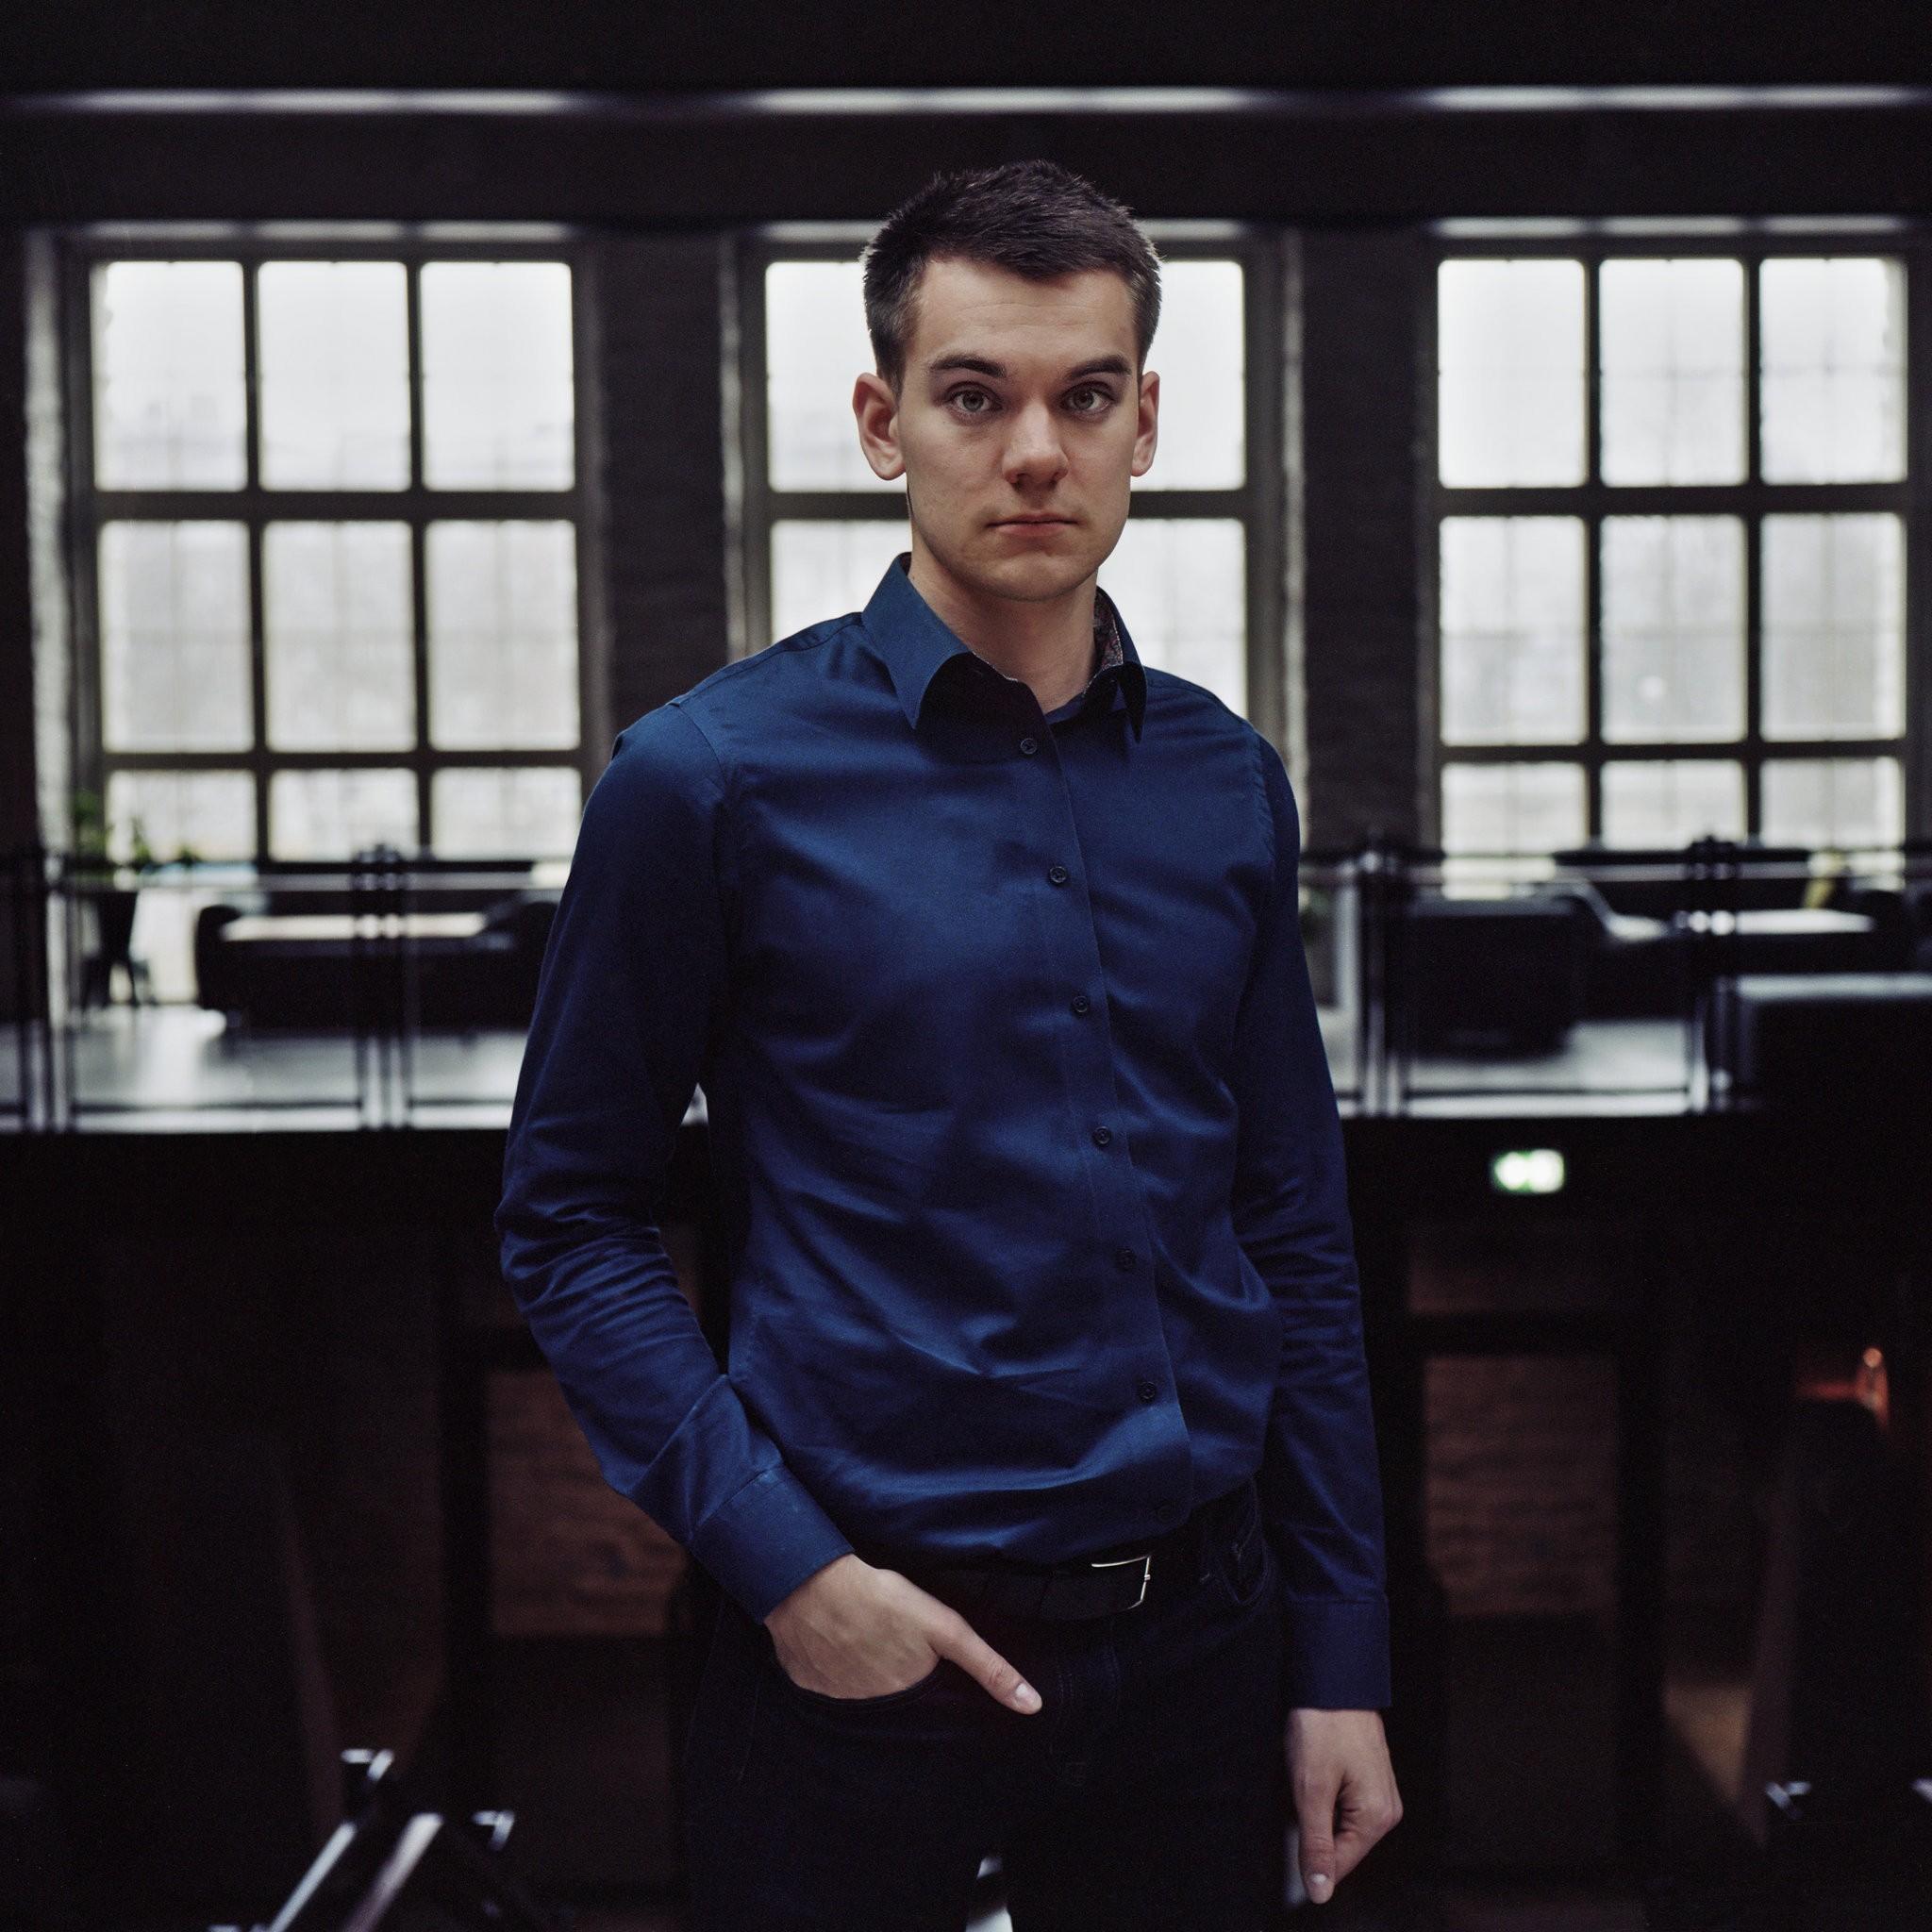 볼트는 대학을 중퇴한 19세 청년 마커스 빌리그가 창업한 회사다. ⓒMaxim Mjodov for The New York Times